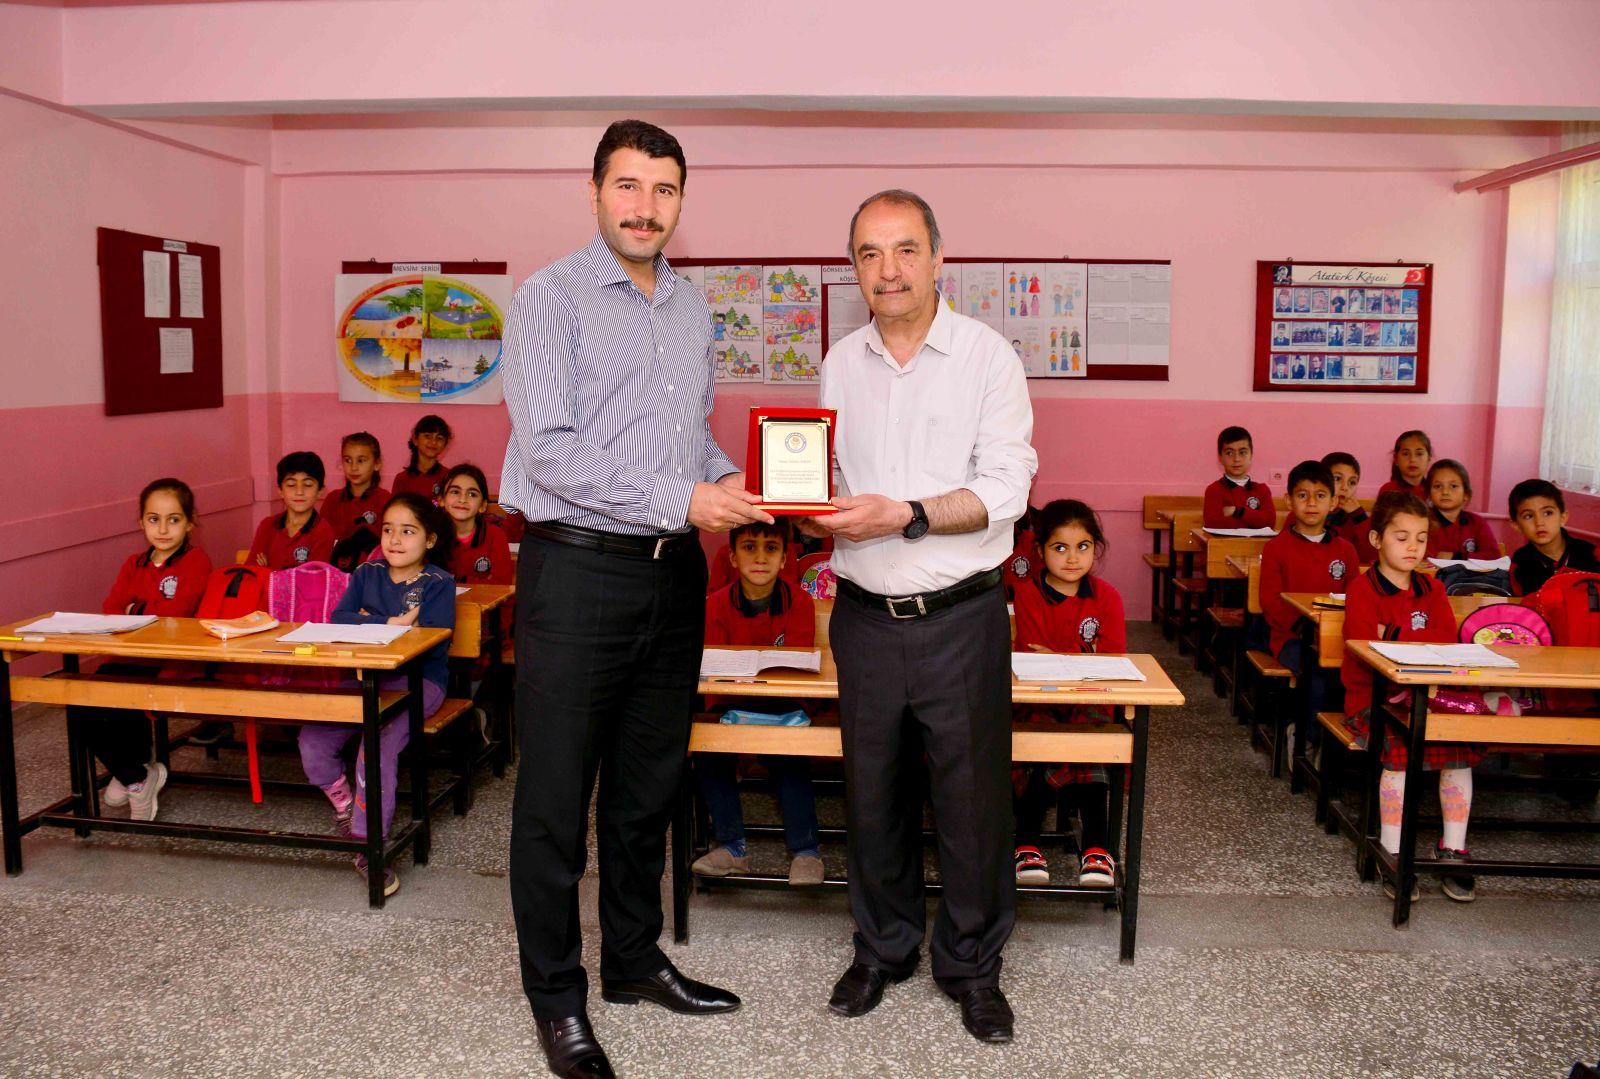 Eğitim-Bir-Sen'den Fedakar Öğretmene Plaket